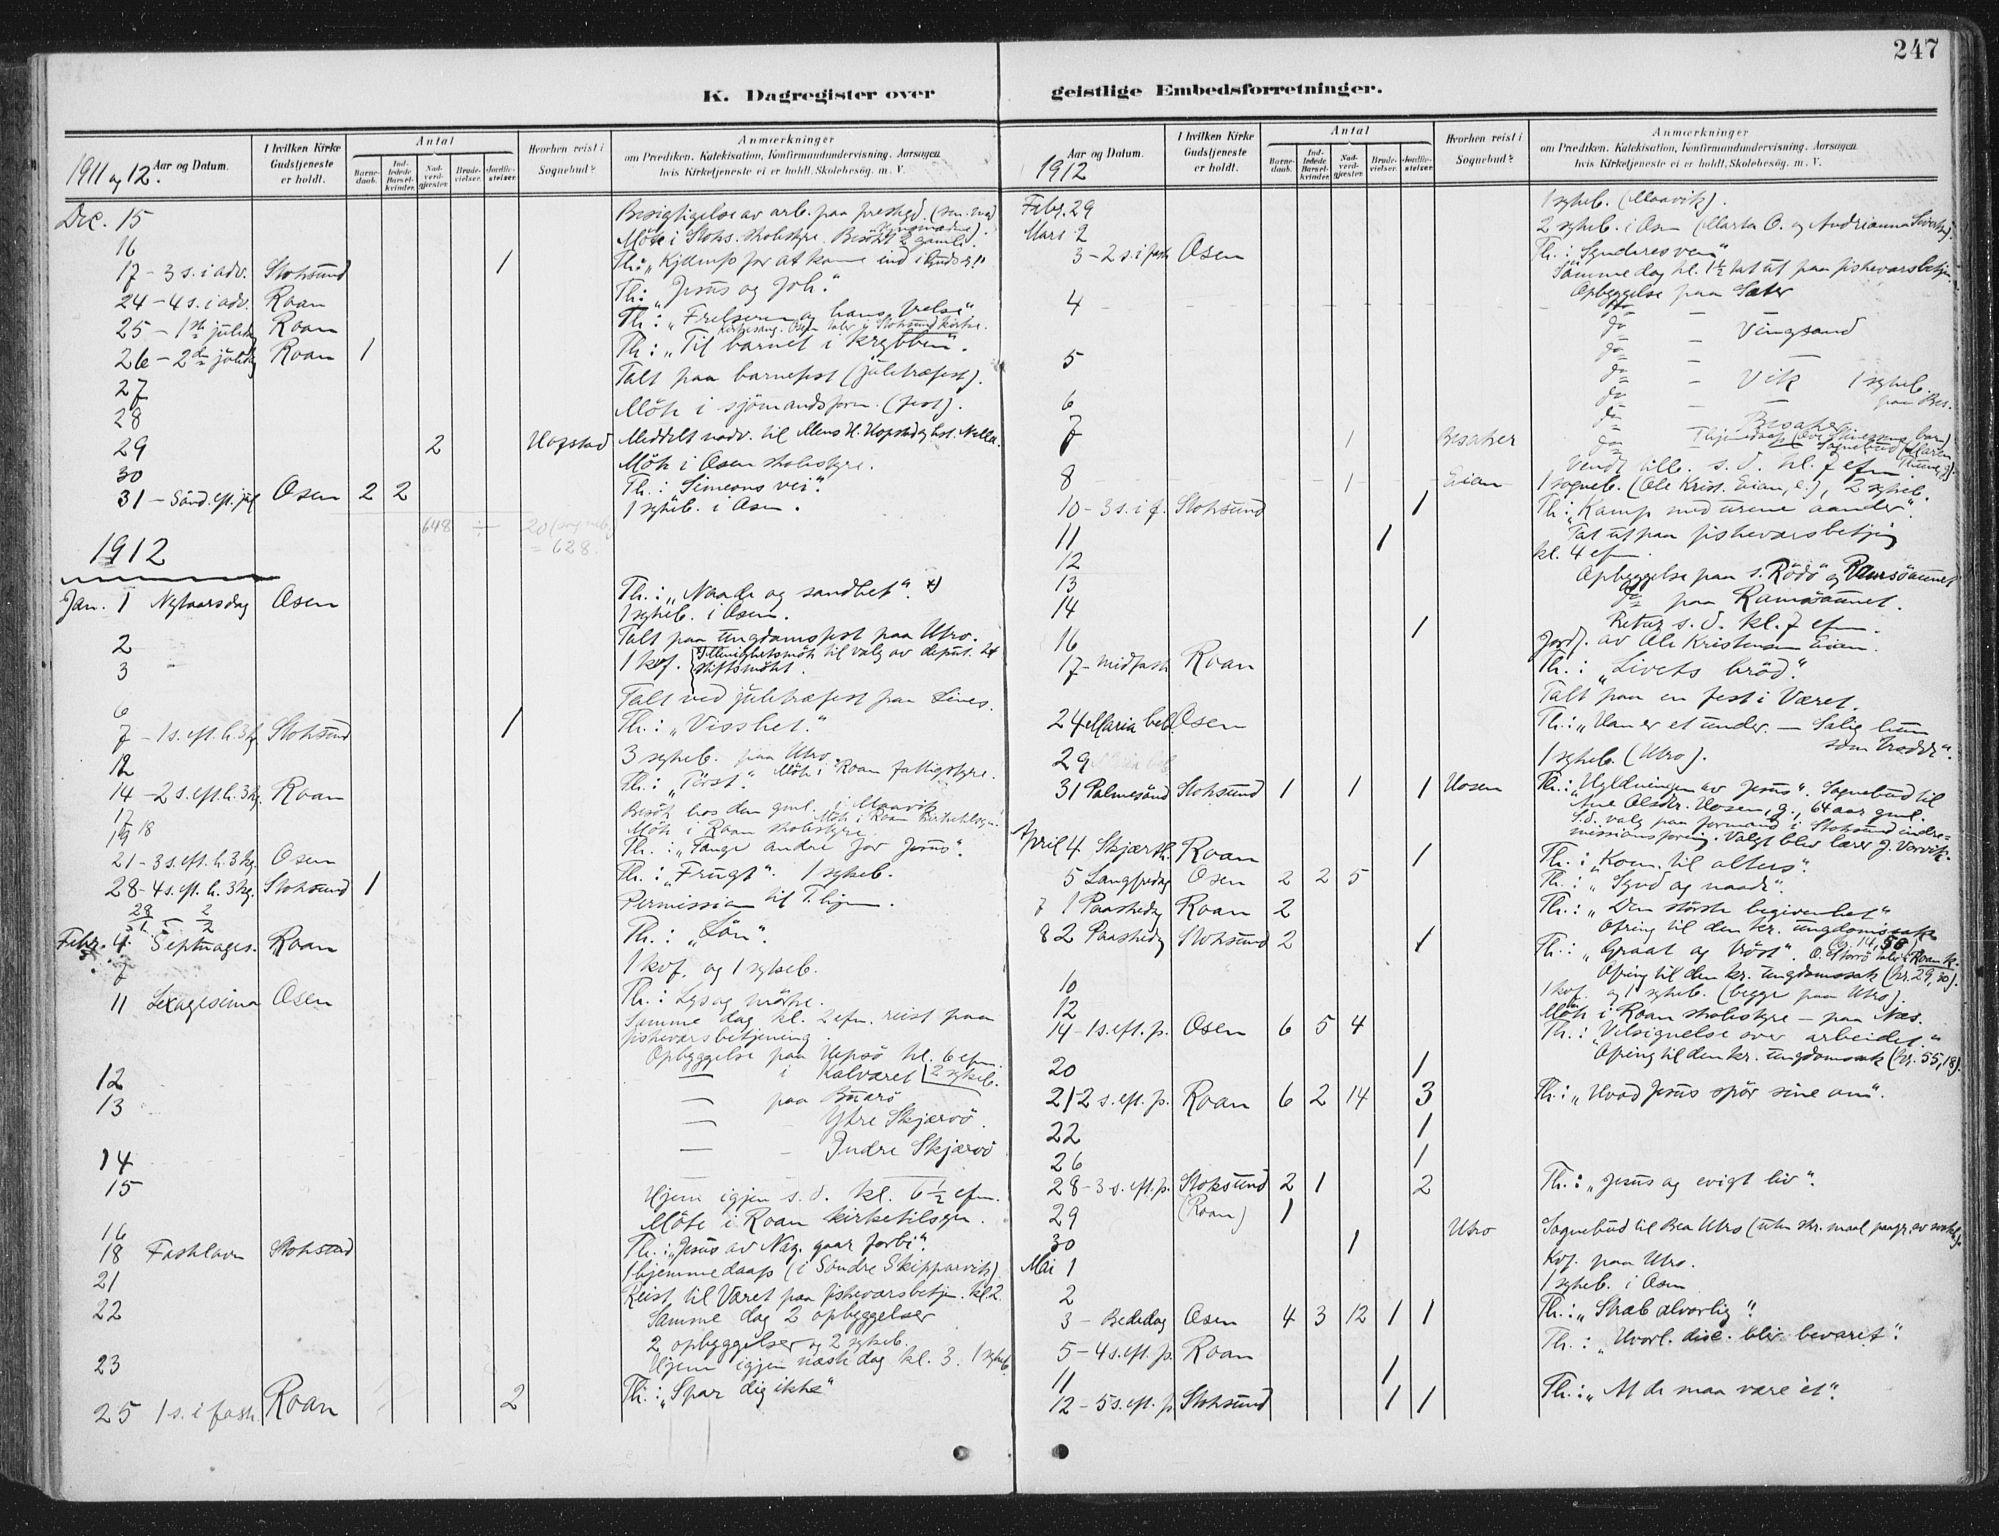 SAT, Ministerialprotokoller, klokkerbøker og fødselsregistre - Sør-Trøndelag, 657/L0709: Ministerialbok nr. 657A10, 1905-1919, s. 247